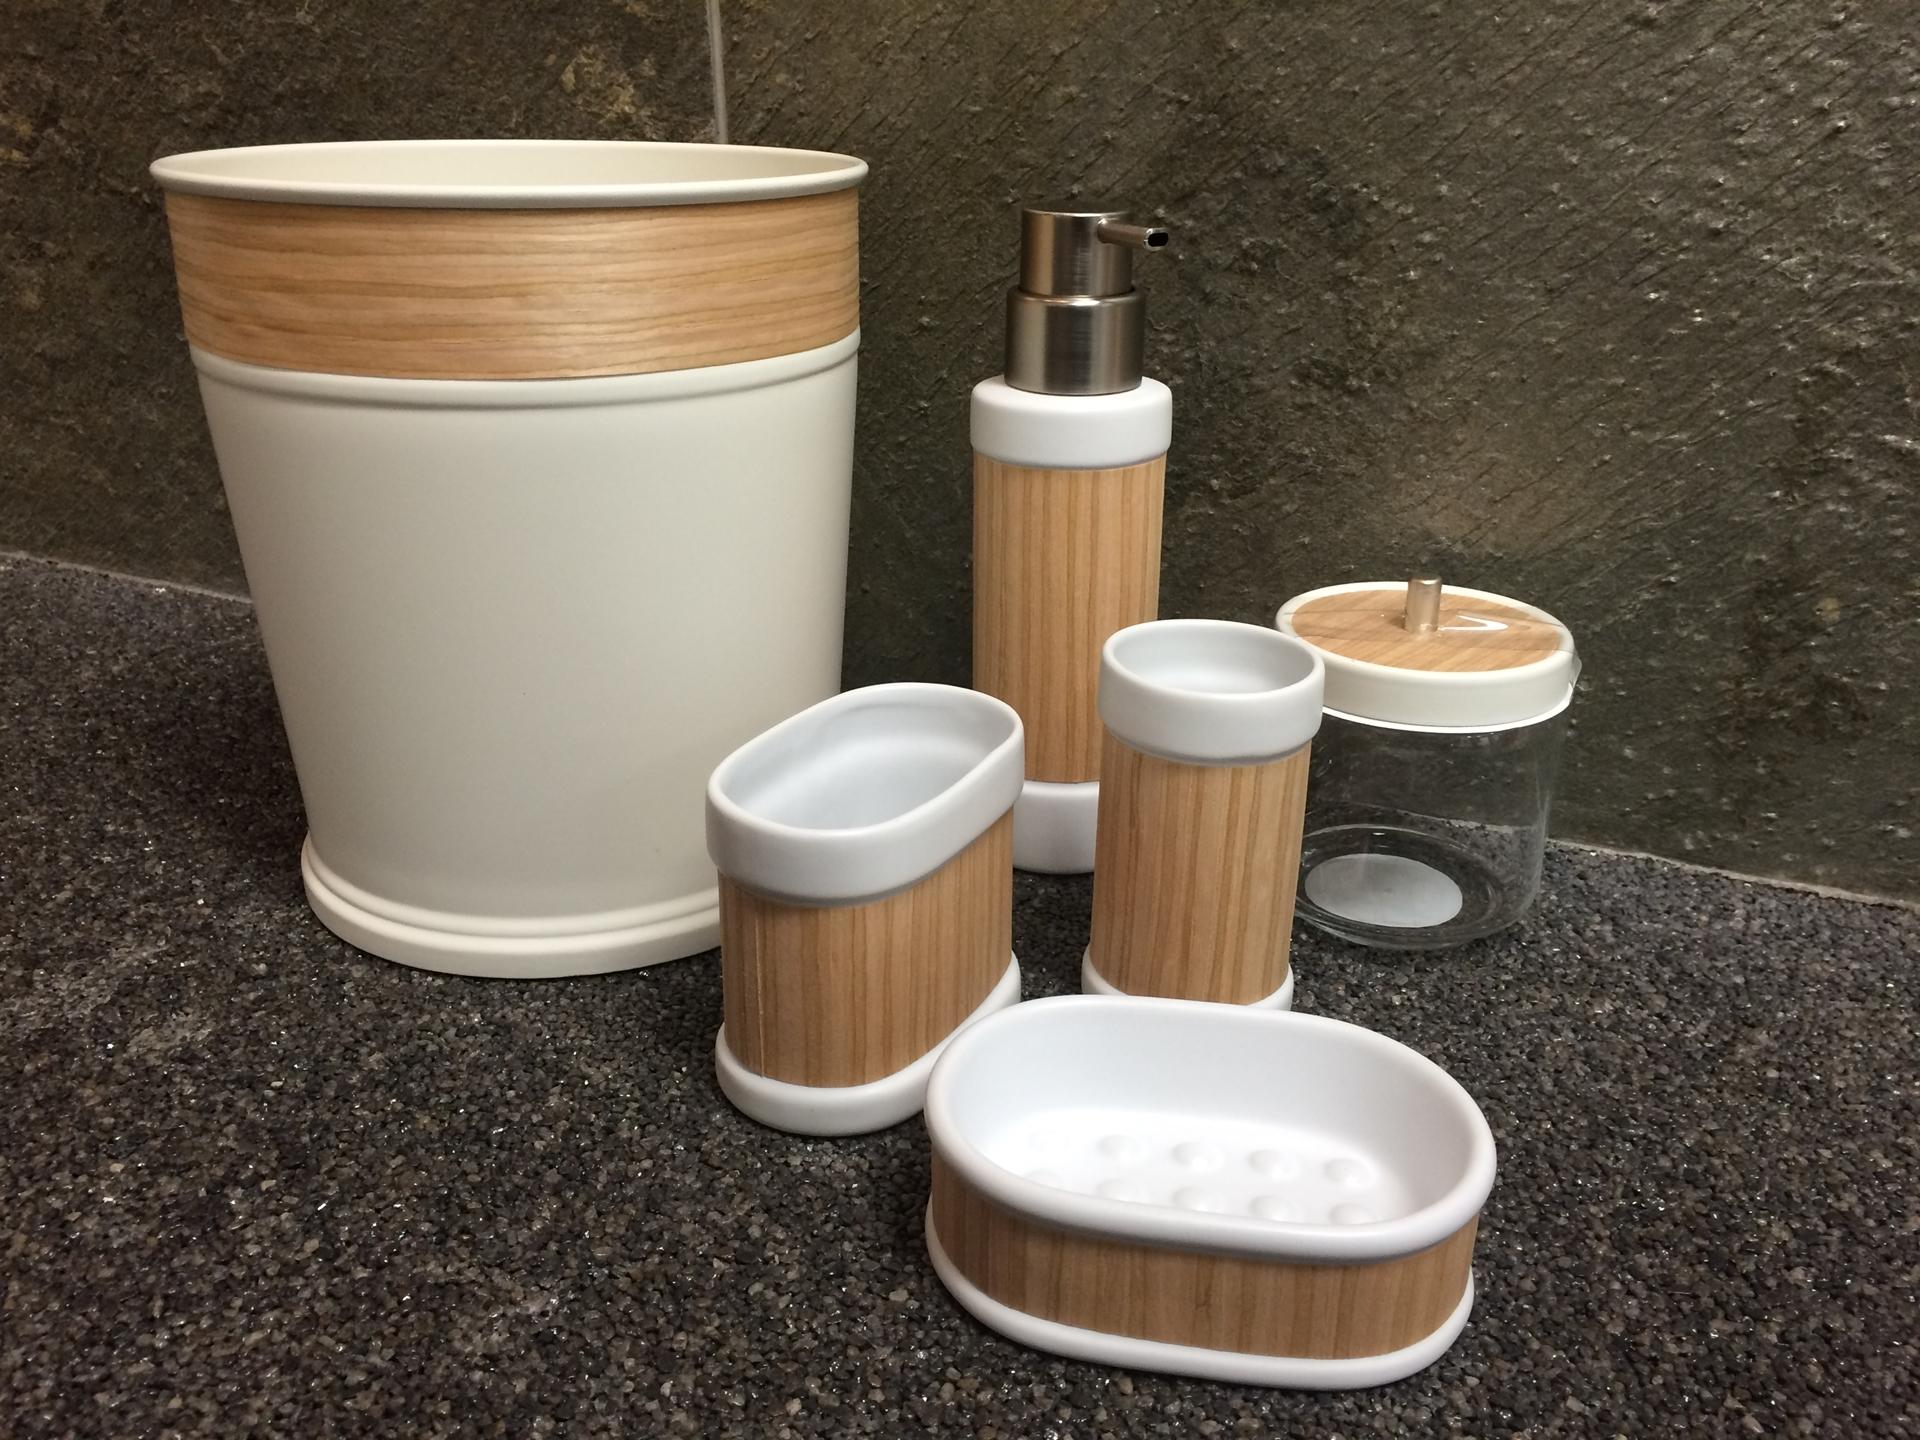 Acessoires salle de bain real wood bois porcelaine 6 for Accessoire salle de bain bois